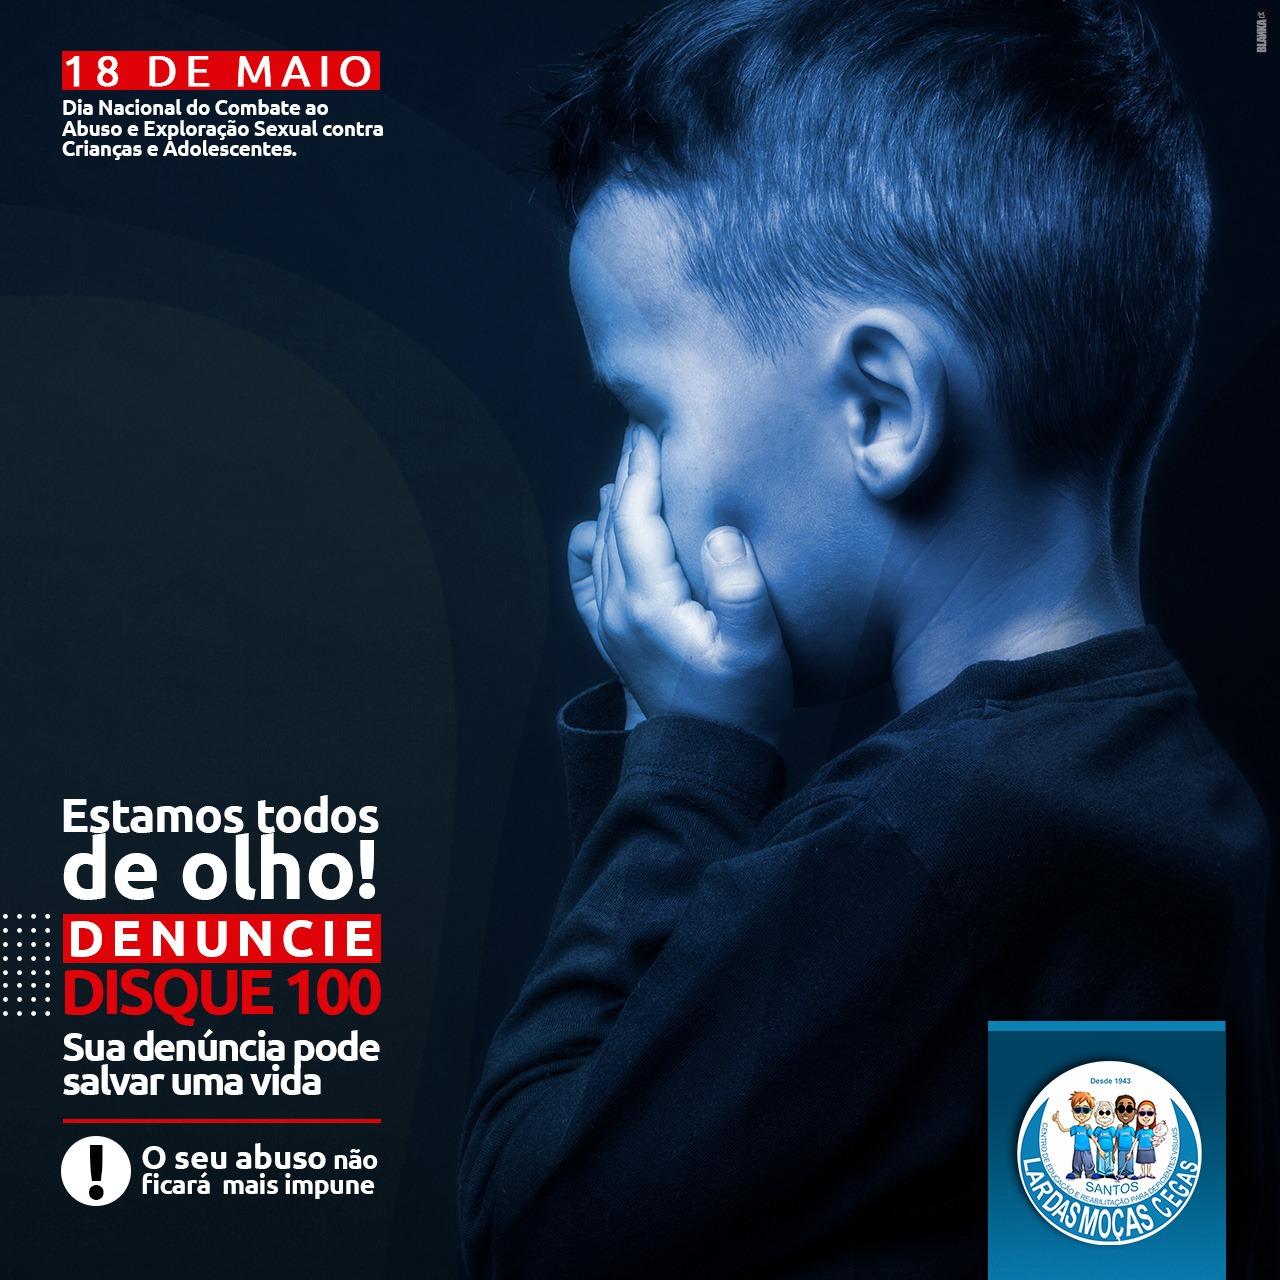 18 de maio – Dia Nacional de Combate ao Abuso e Exploração de Crianças e Adolescentes